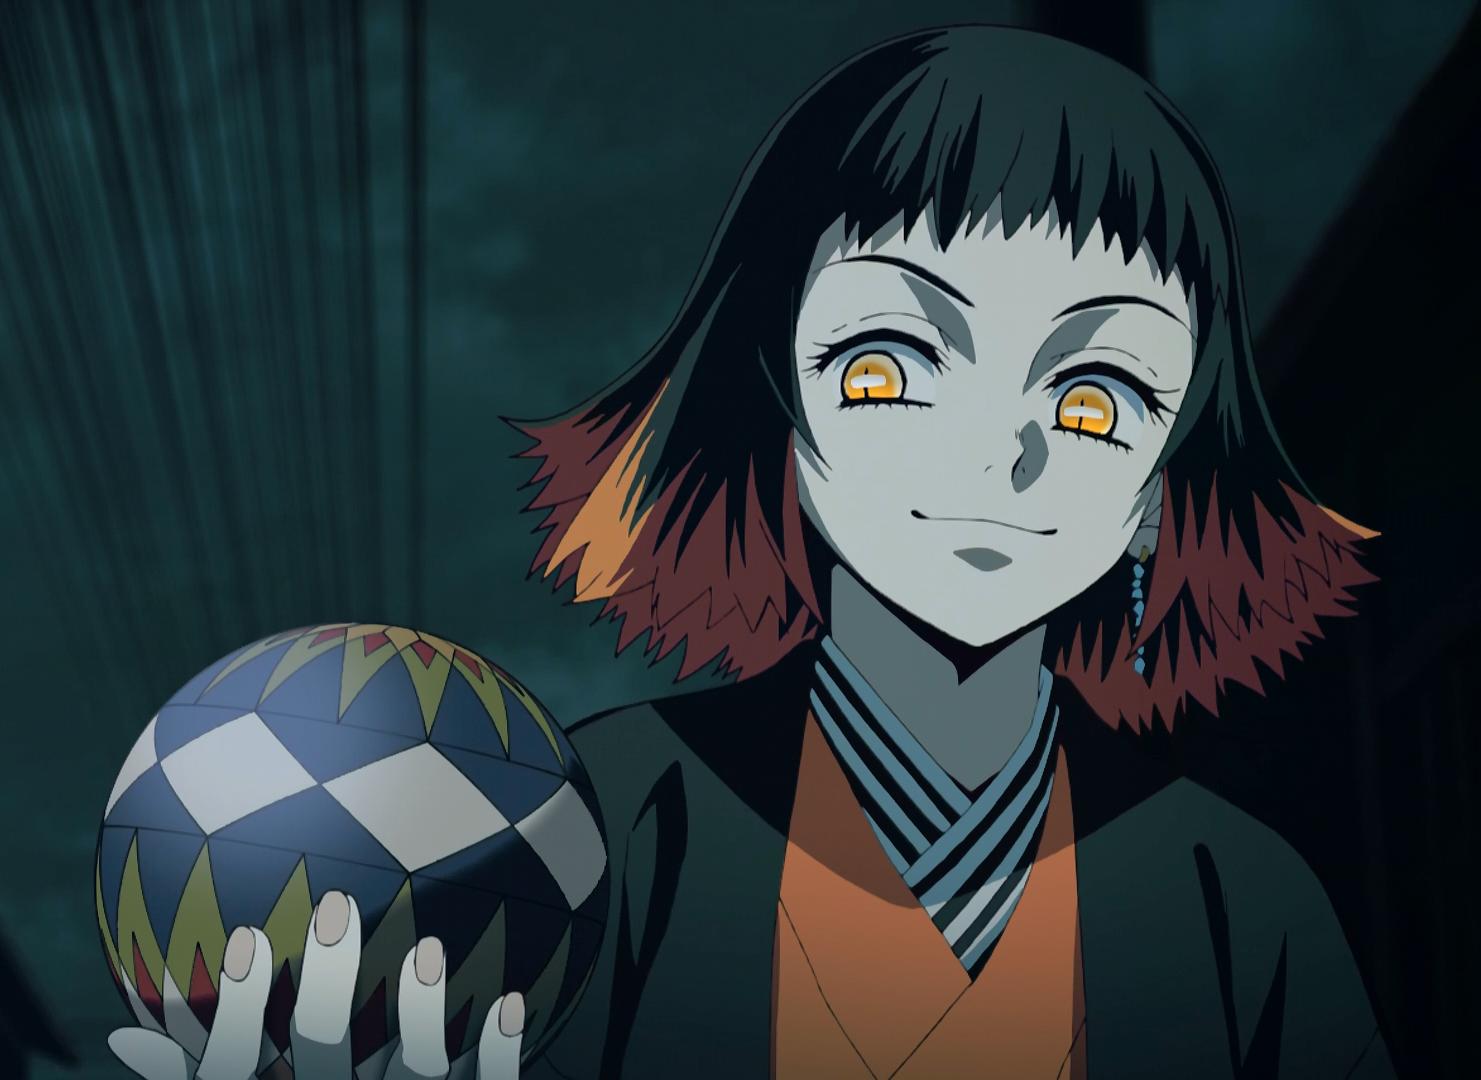 Susamaru Kimetsu No Yaiba Susamaru Kimetsunoyaiba Anime Art Anime Desenhos Manga